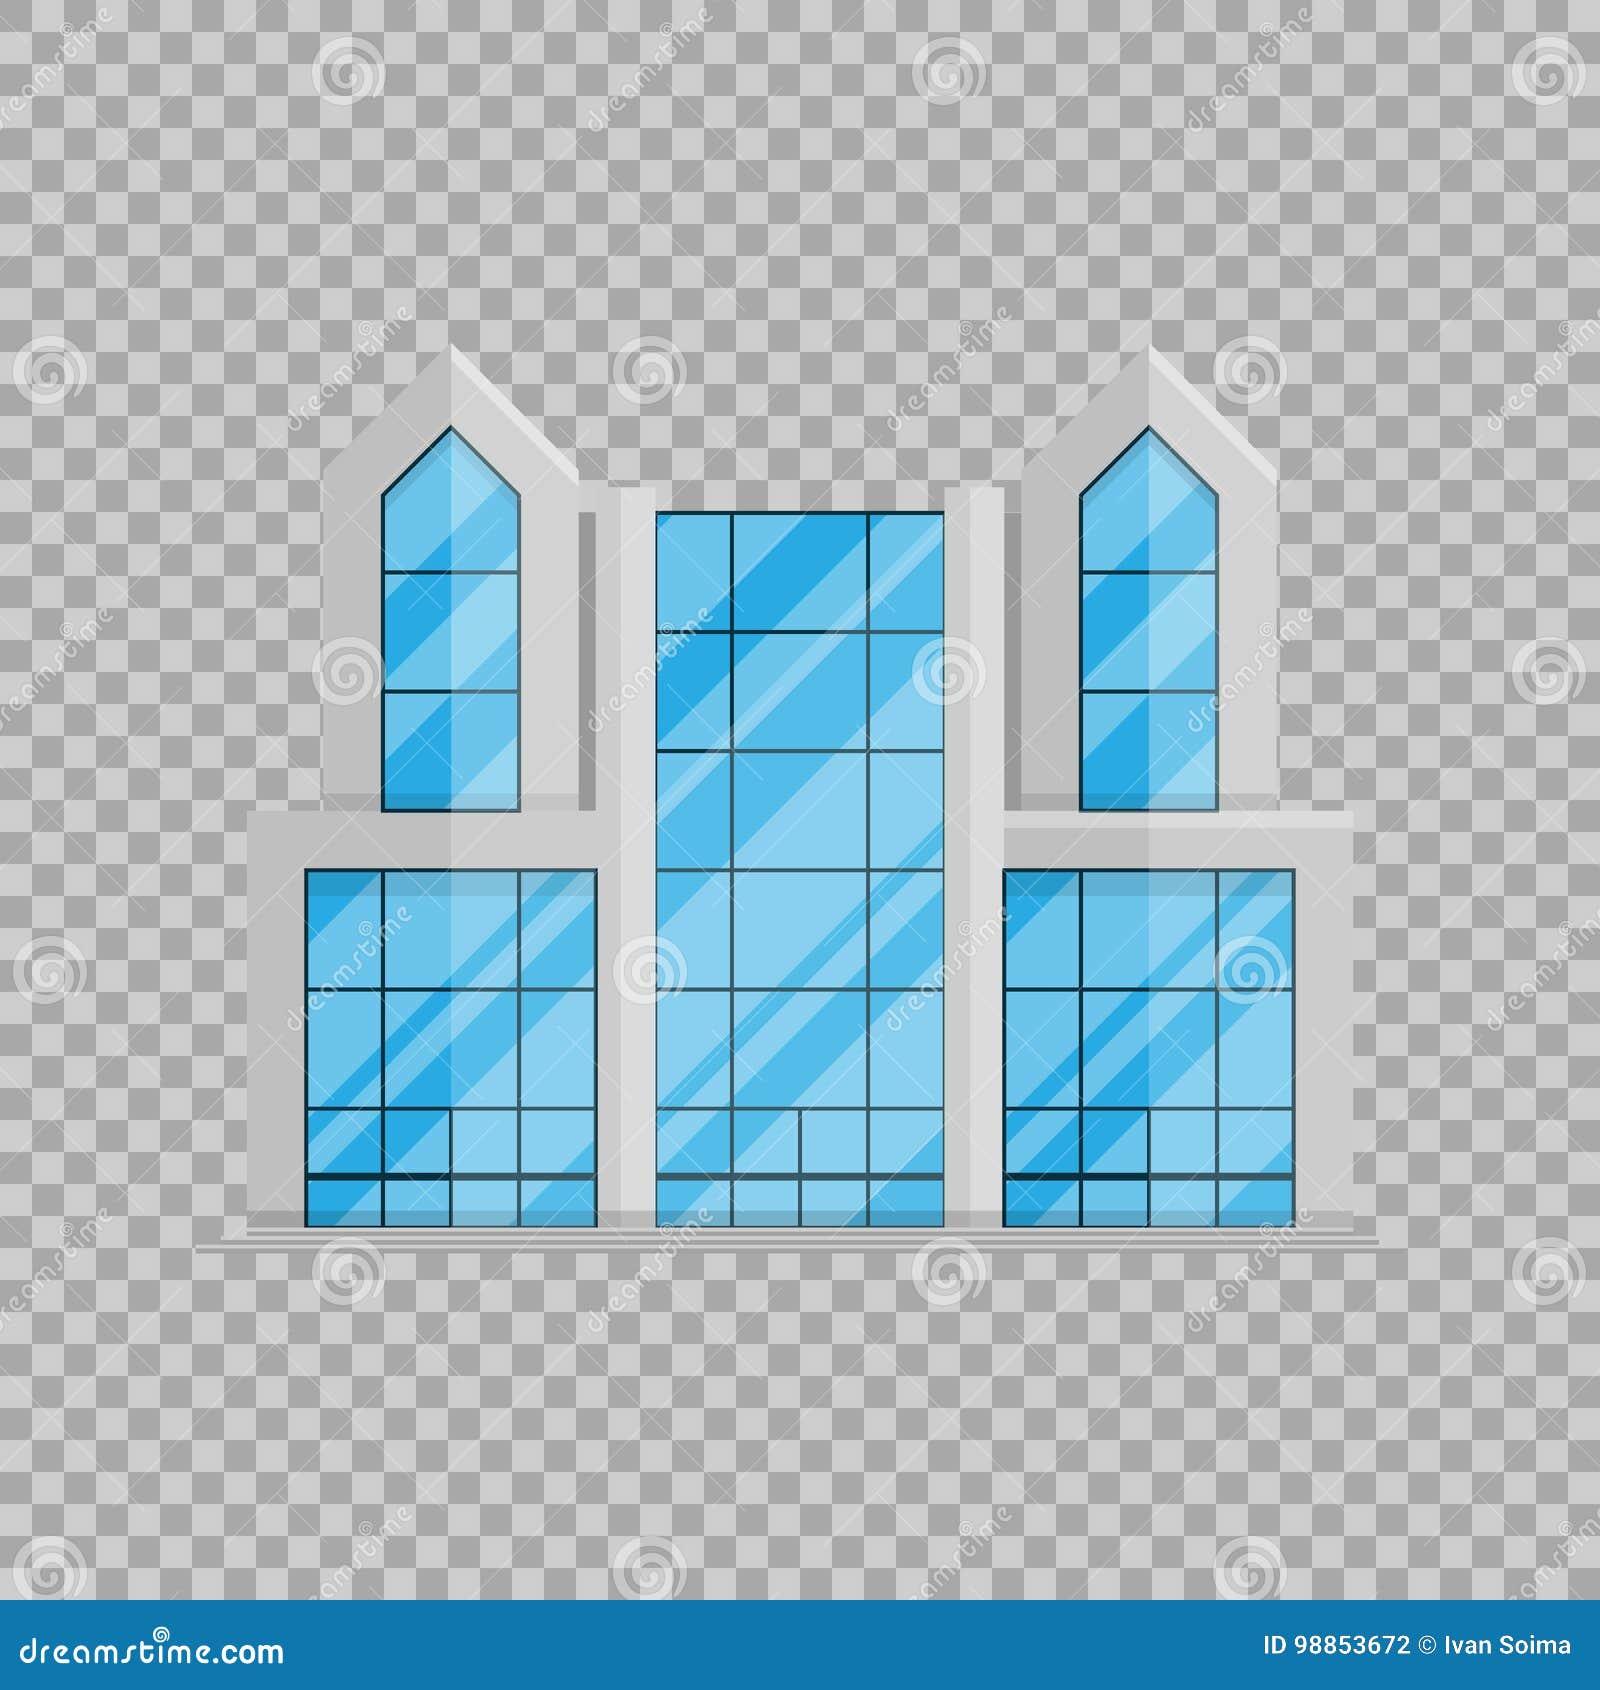 Bureau bedrijfs de bouw geïsoleerde Vlakte in stijl op transparante vectorillustratie als achtergrond